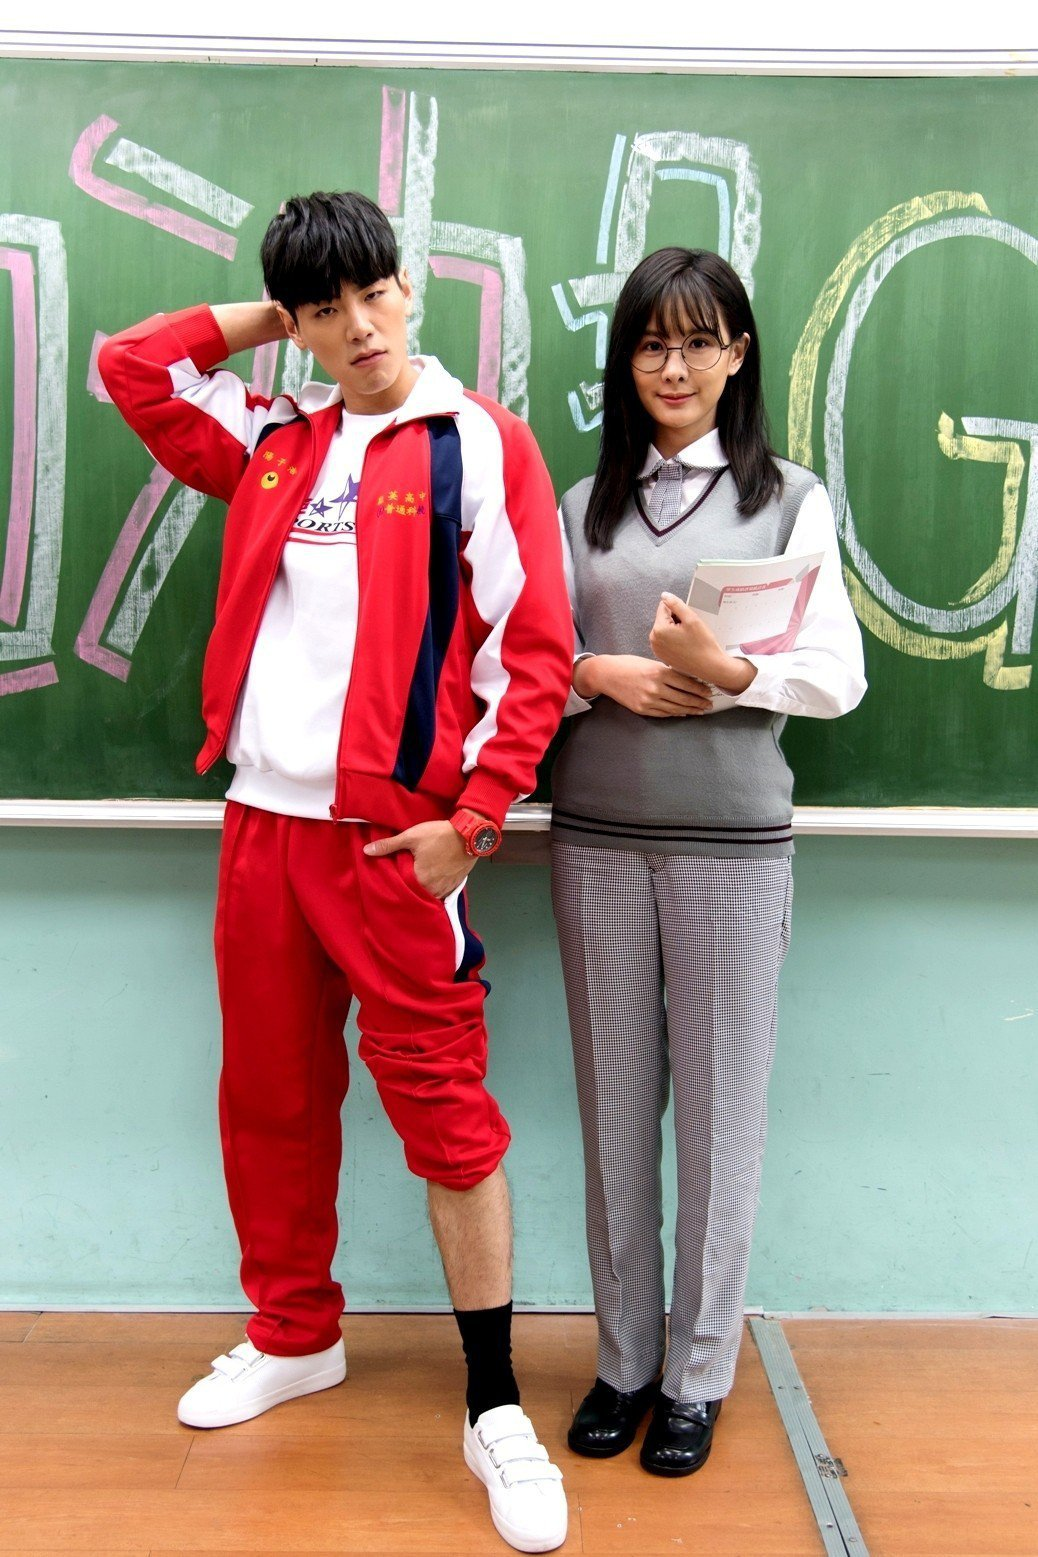 安心亞(右)和禾浩辰演三立偶像劇「你有念大學嗎?」 圖/三立提供